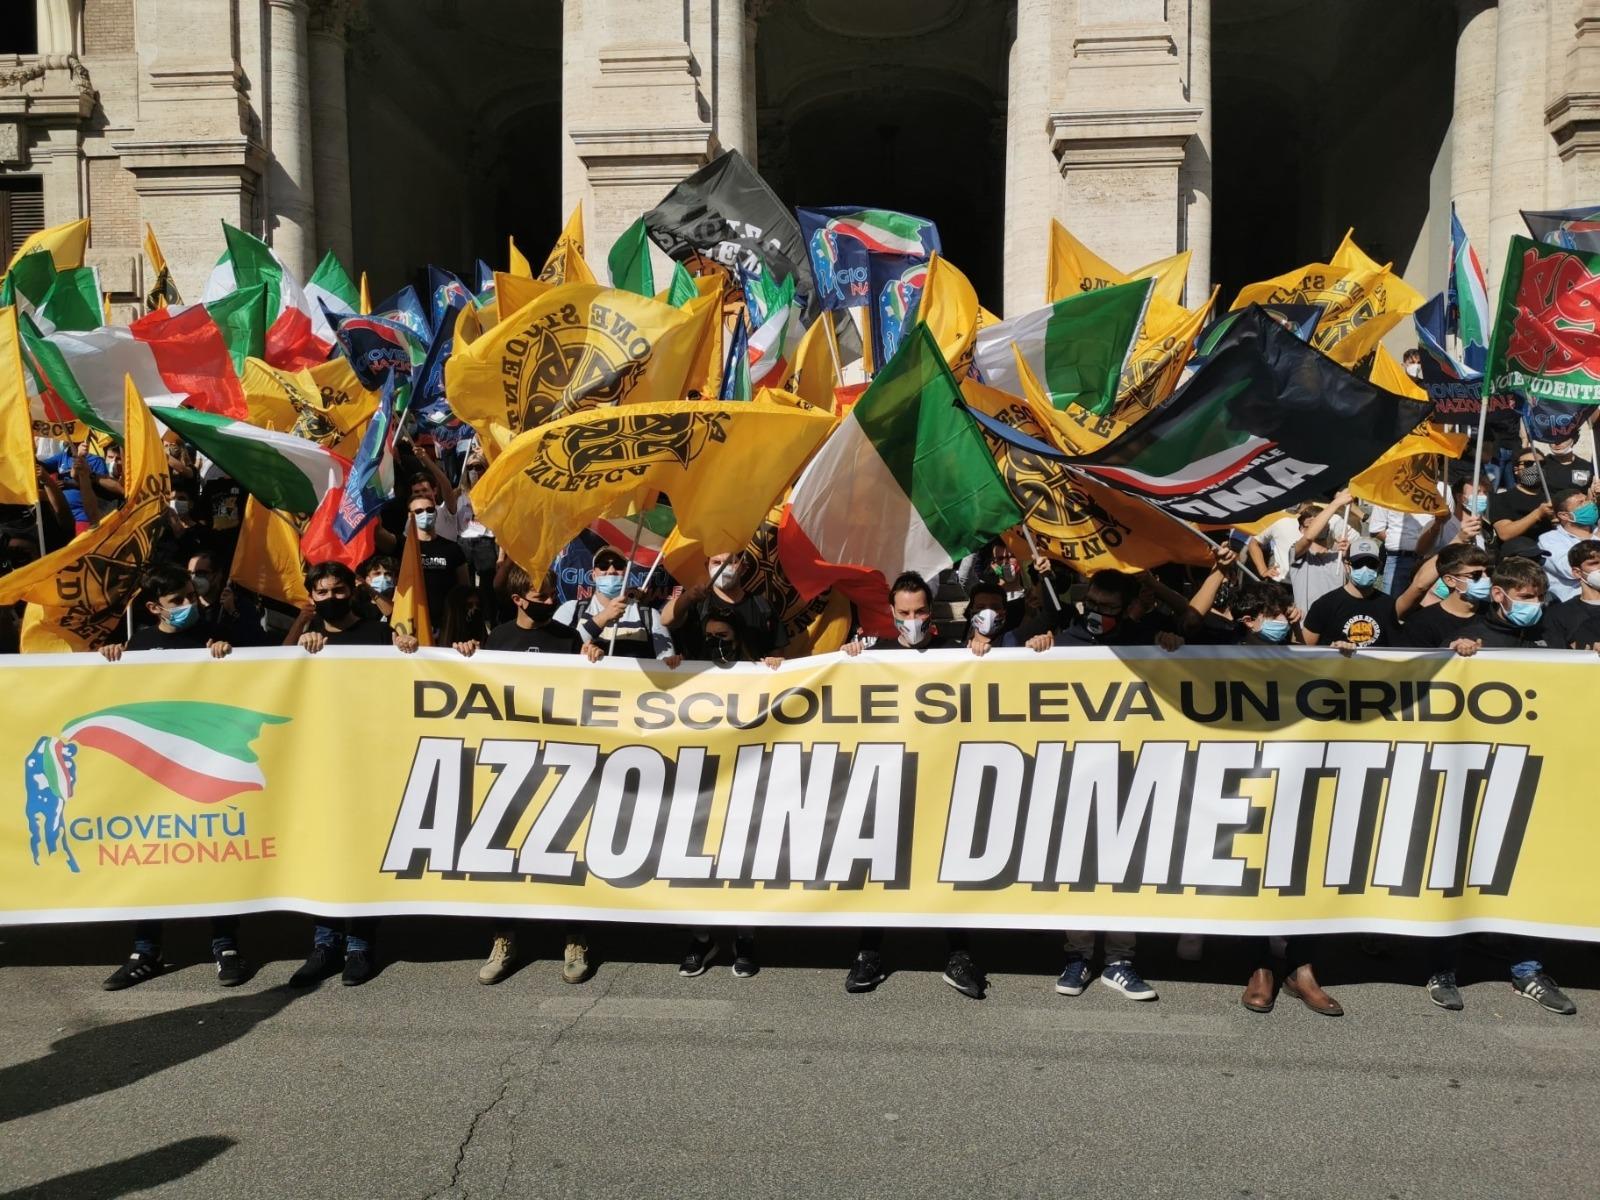 Manifestazione organizzata da Gioventù Nazionale davanti al MIUR per chiedere le dimissioni della Ministra Azzolina